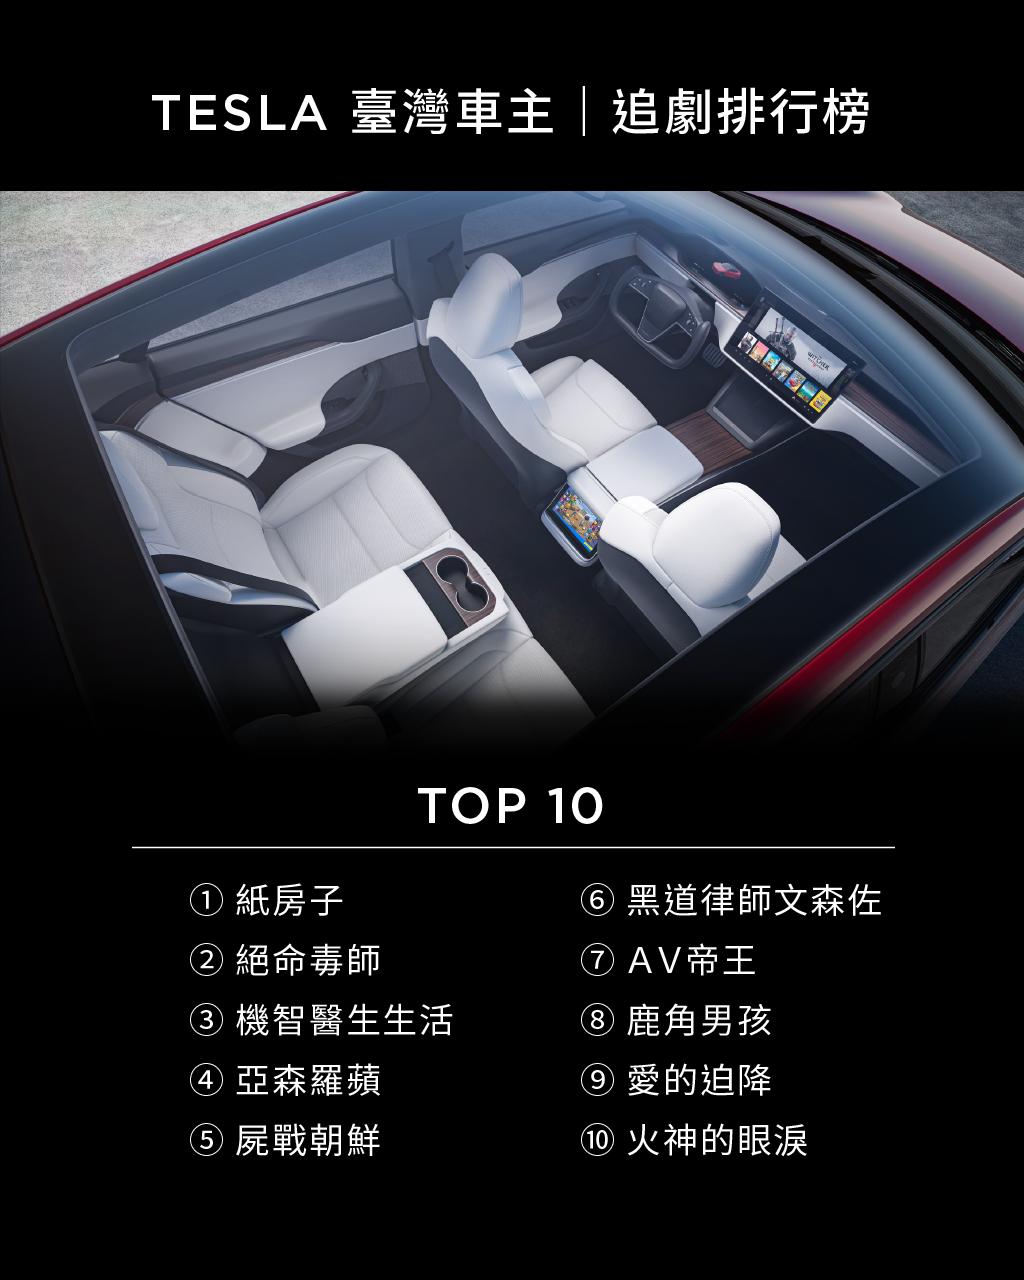 十大追劇排行榜.png